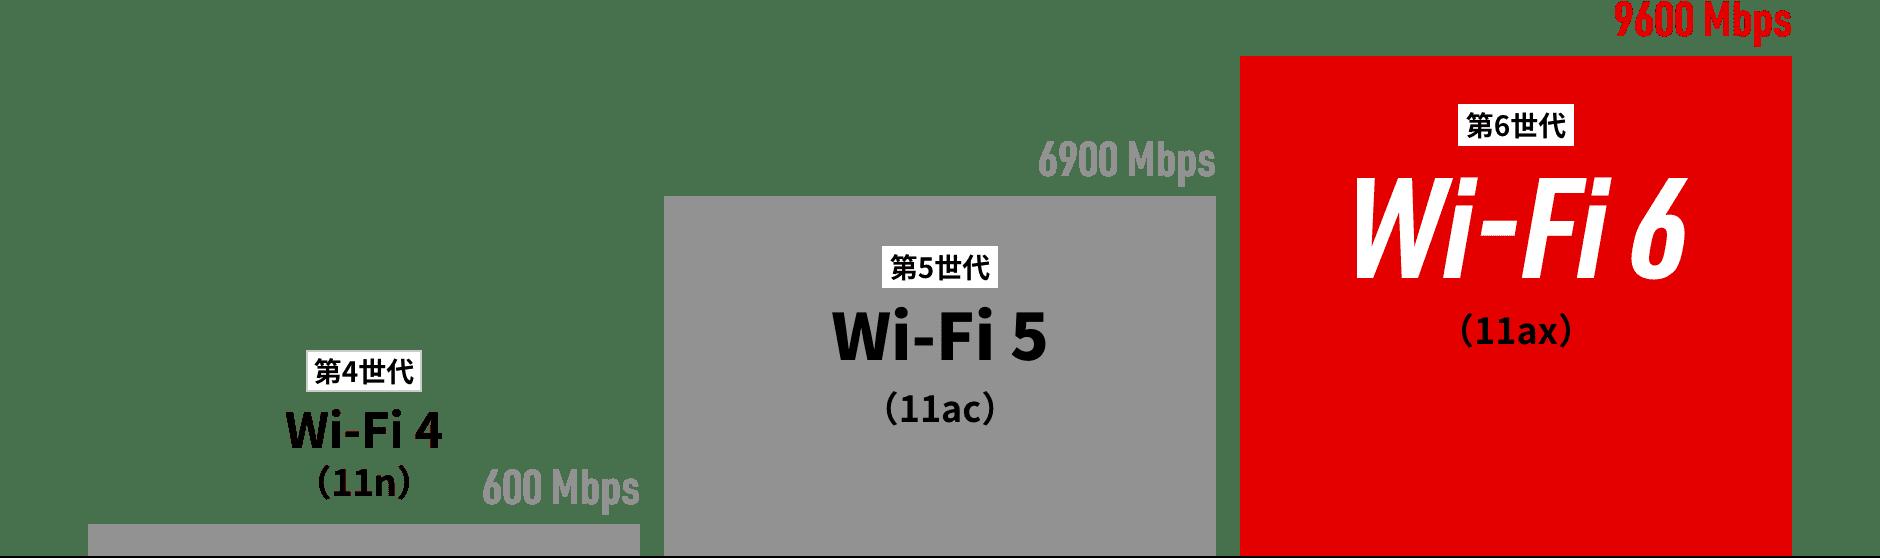 は wifi6 と